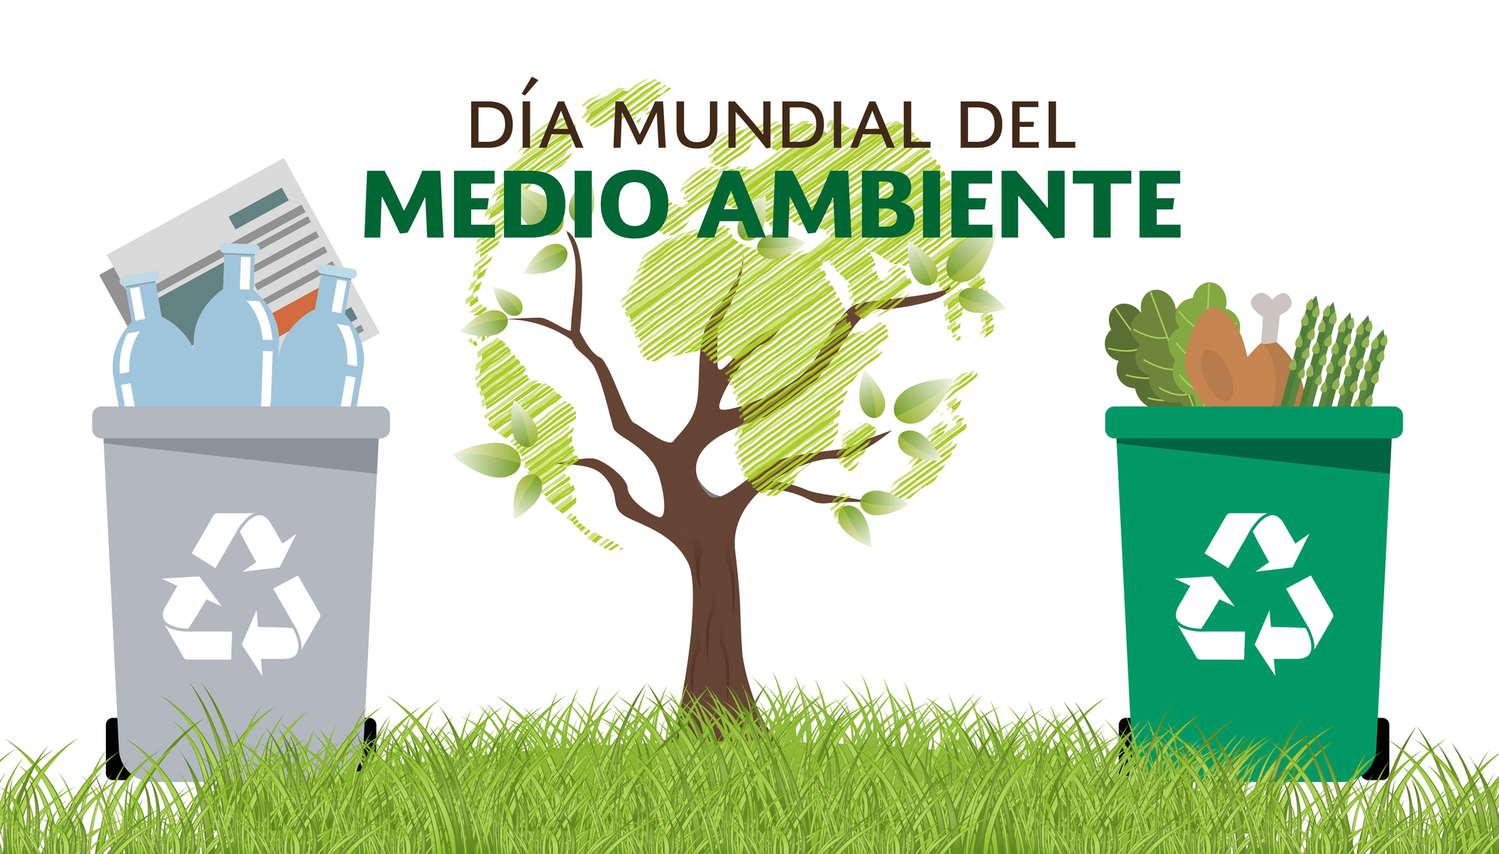 DIA MUNDIAL DEL MEDIO AMBIENTE - Vasito y Macetilla